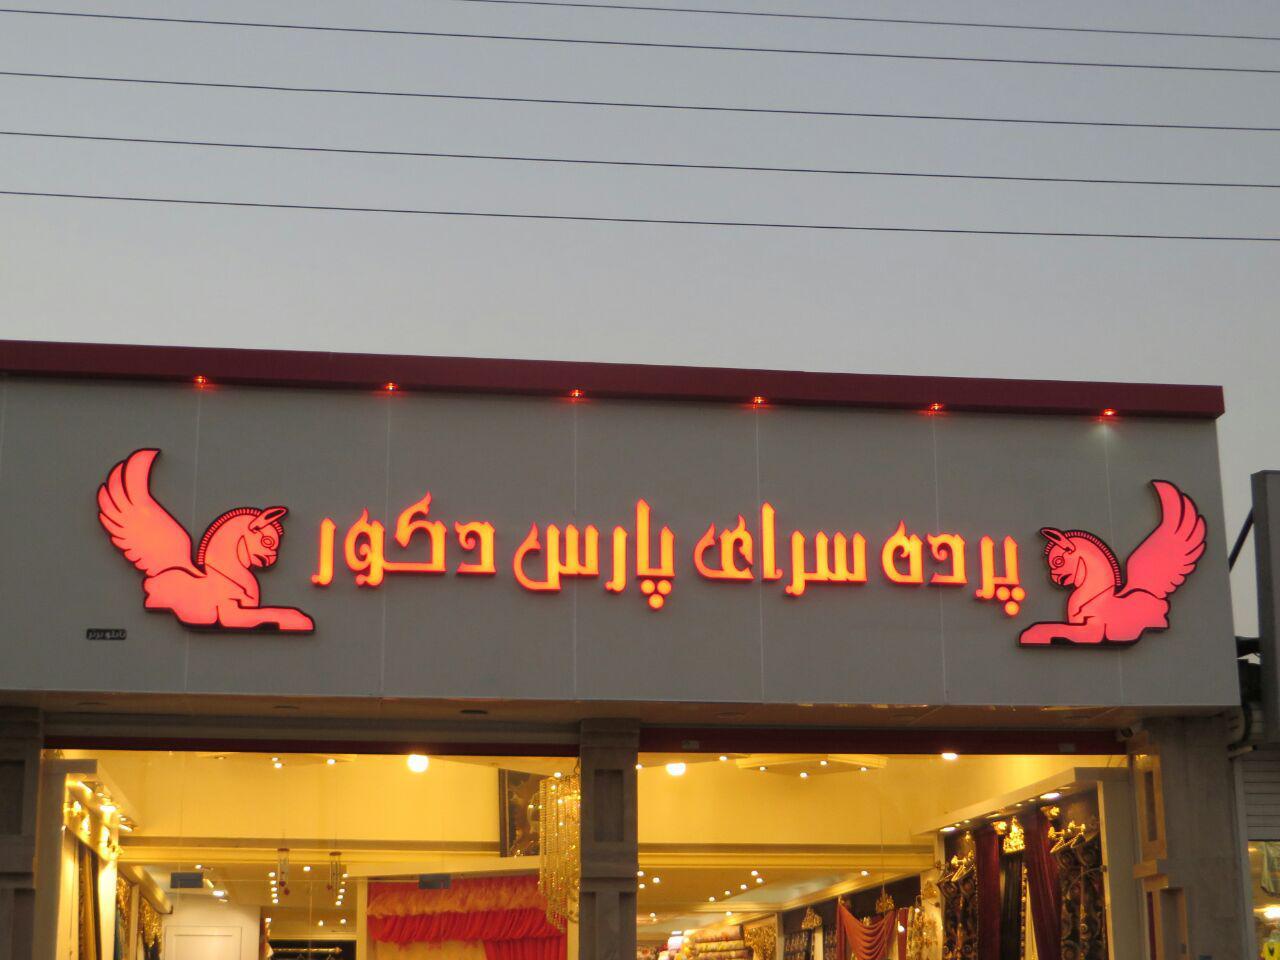 طراحی و اجرای تابلو تبلیفاتی درب فروشگاه